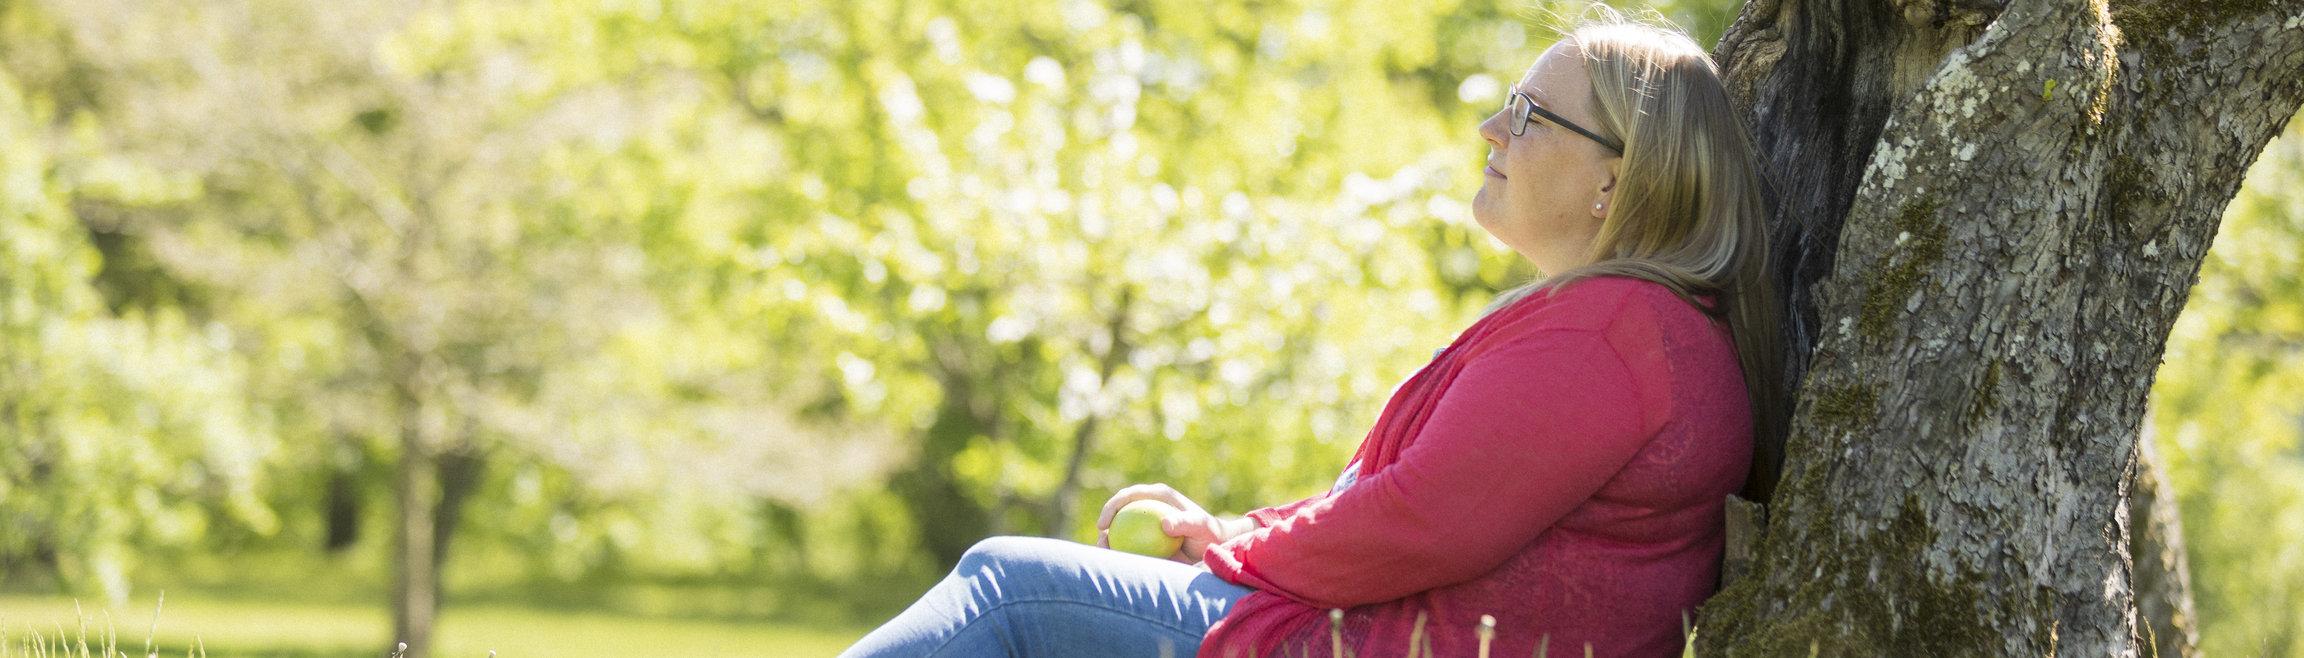 Tjej sitter på marken i en park och lutar sig mot en trädstam.